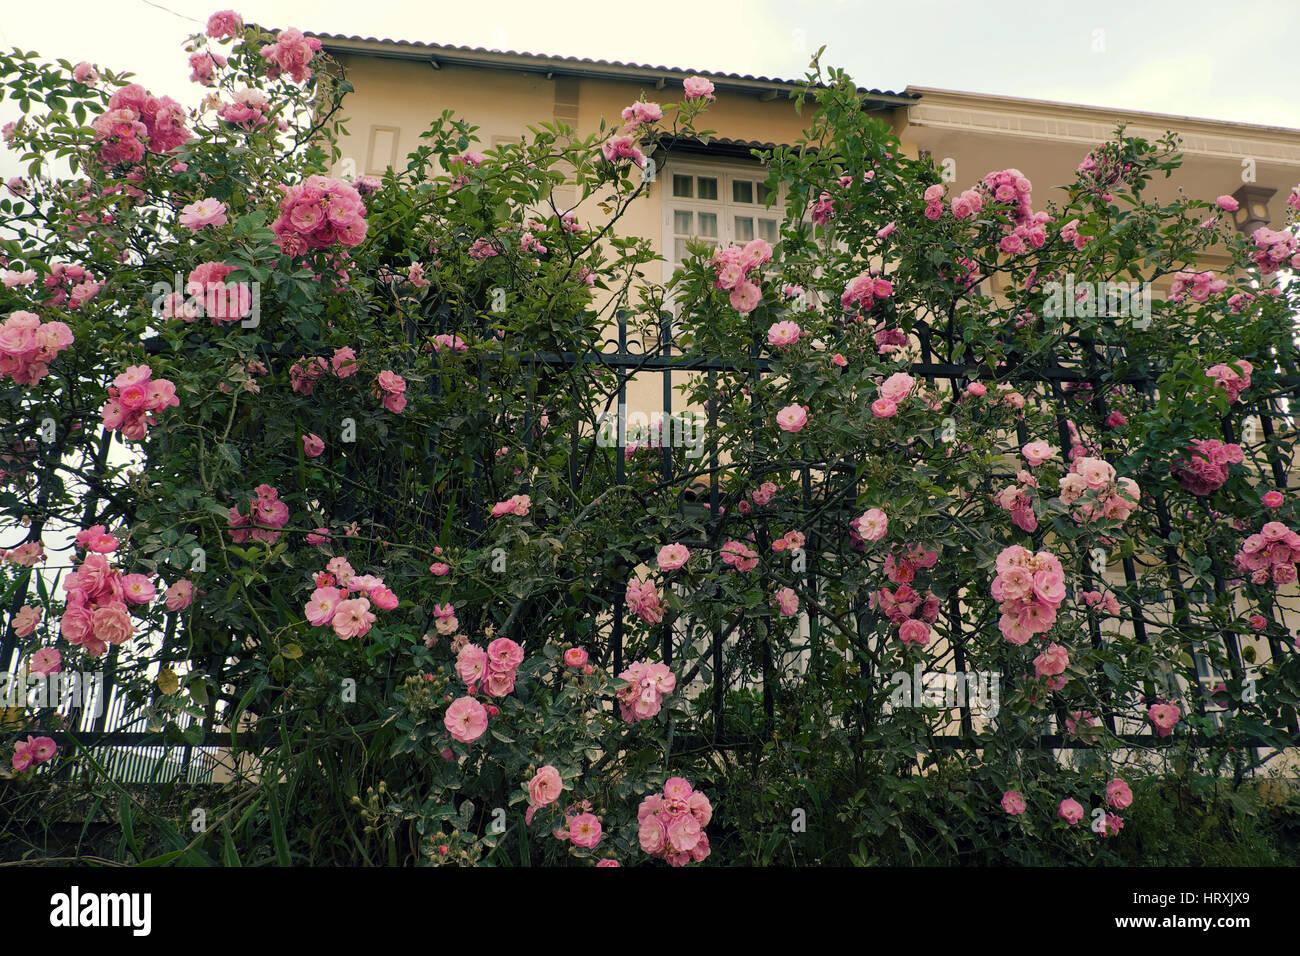 Faire Un Rosier Avec Une Rose clôture d'une magnifique maison à dalat, vietnam, rosiers